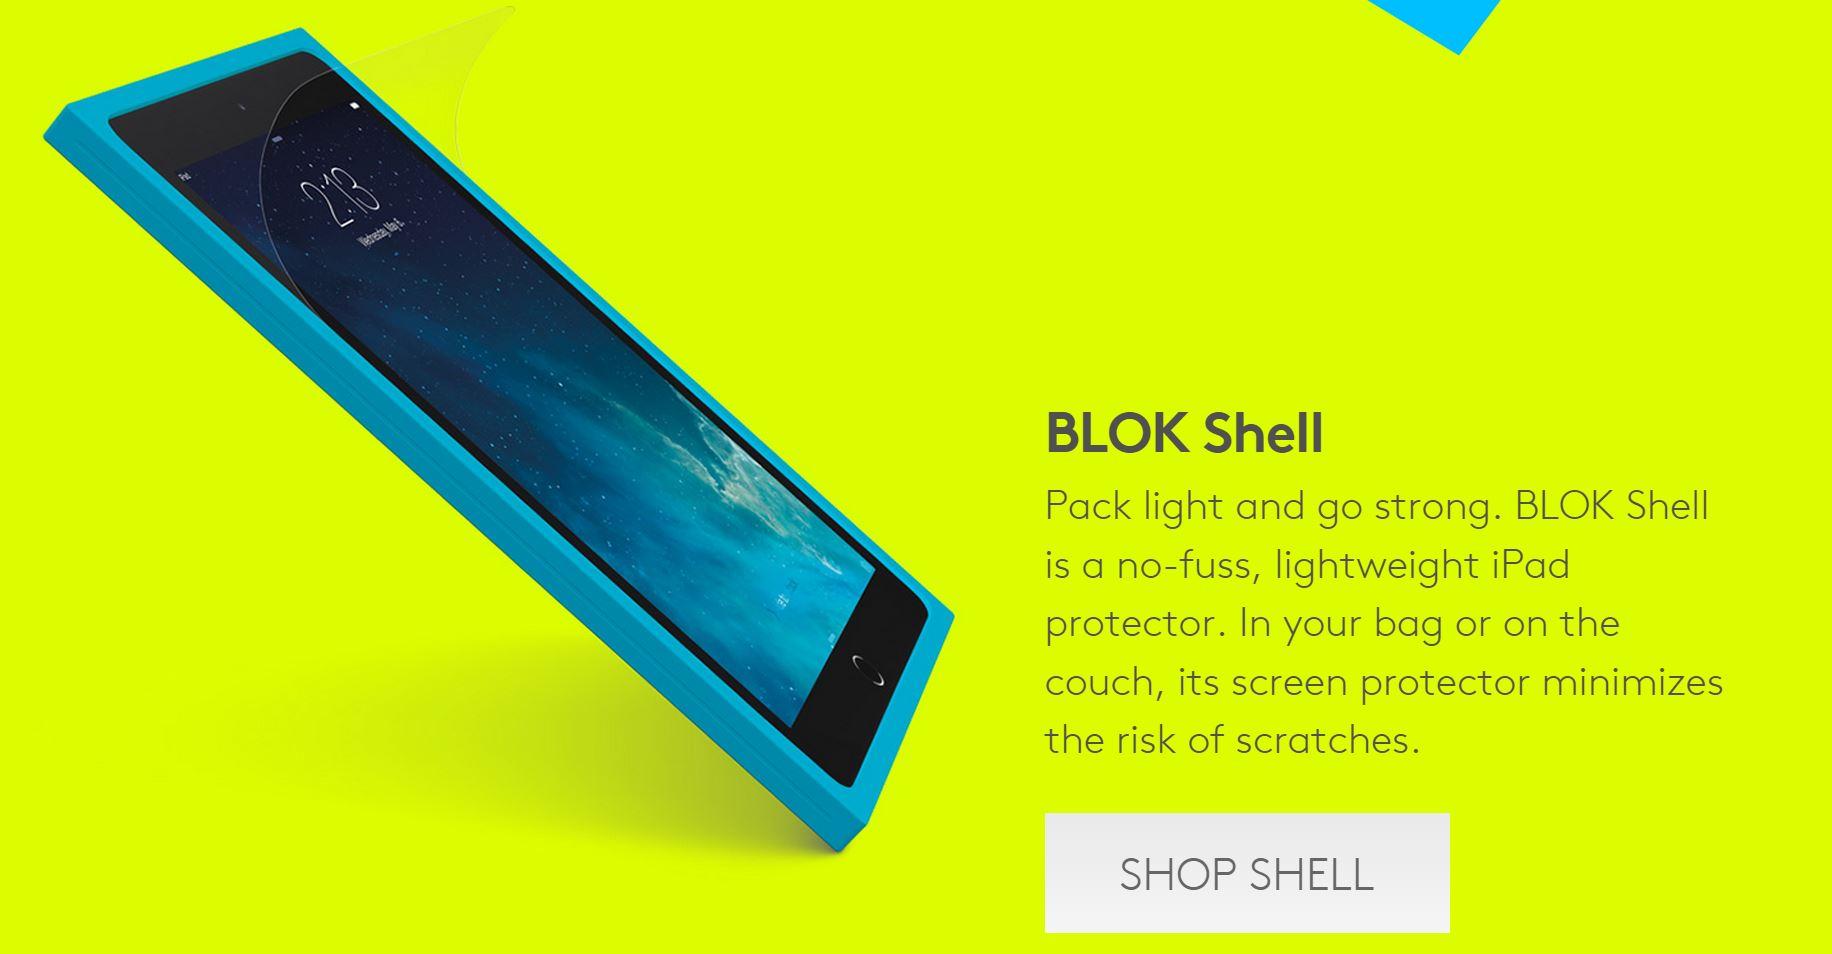 blok-shell